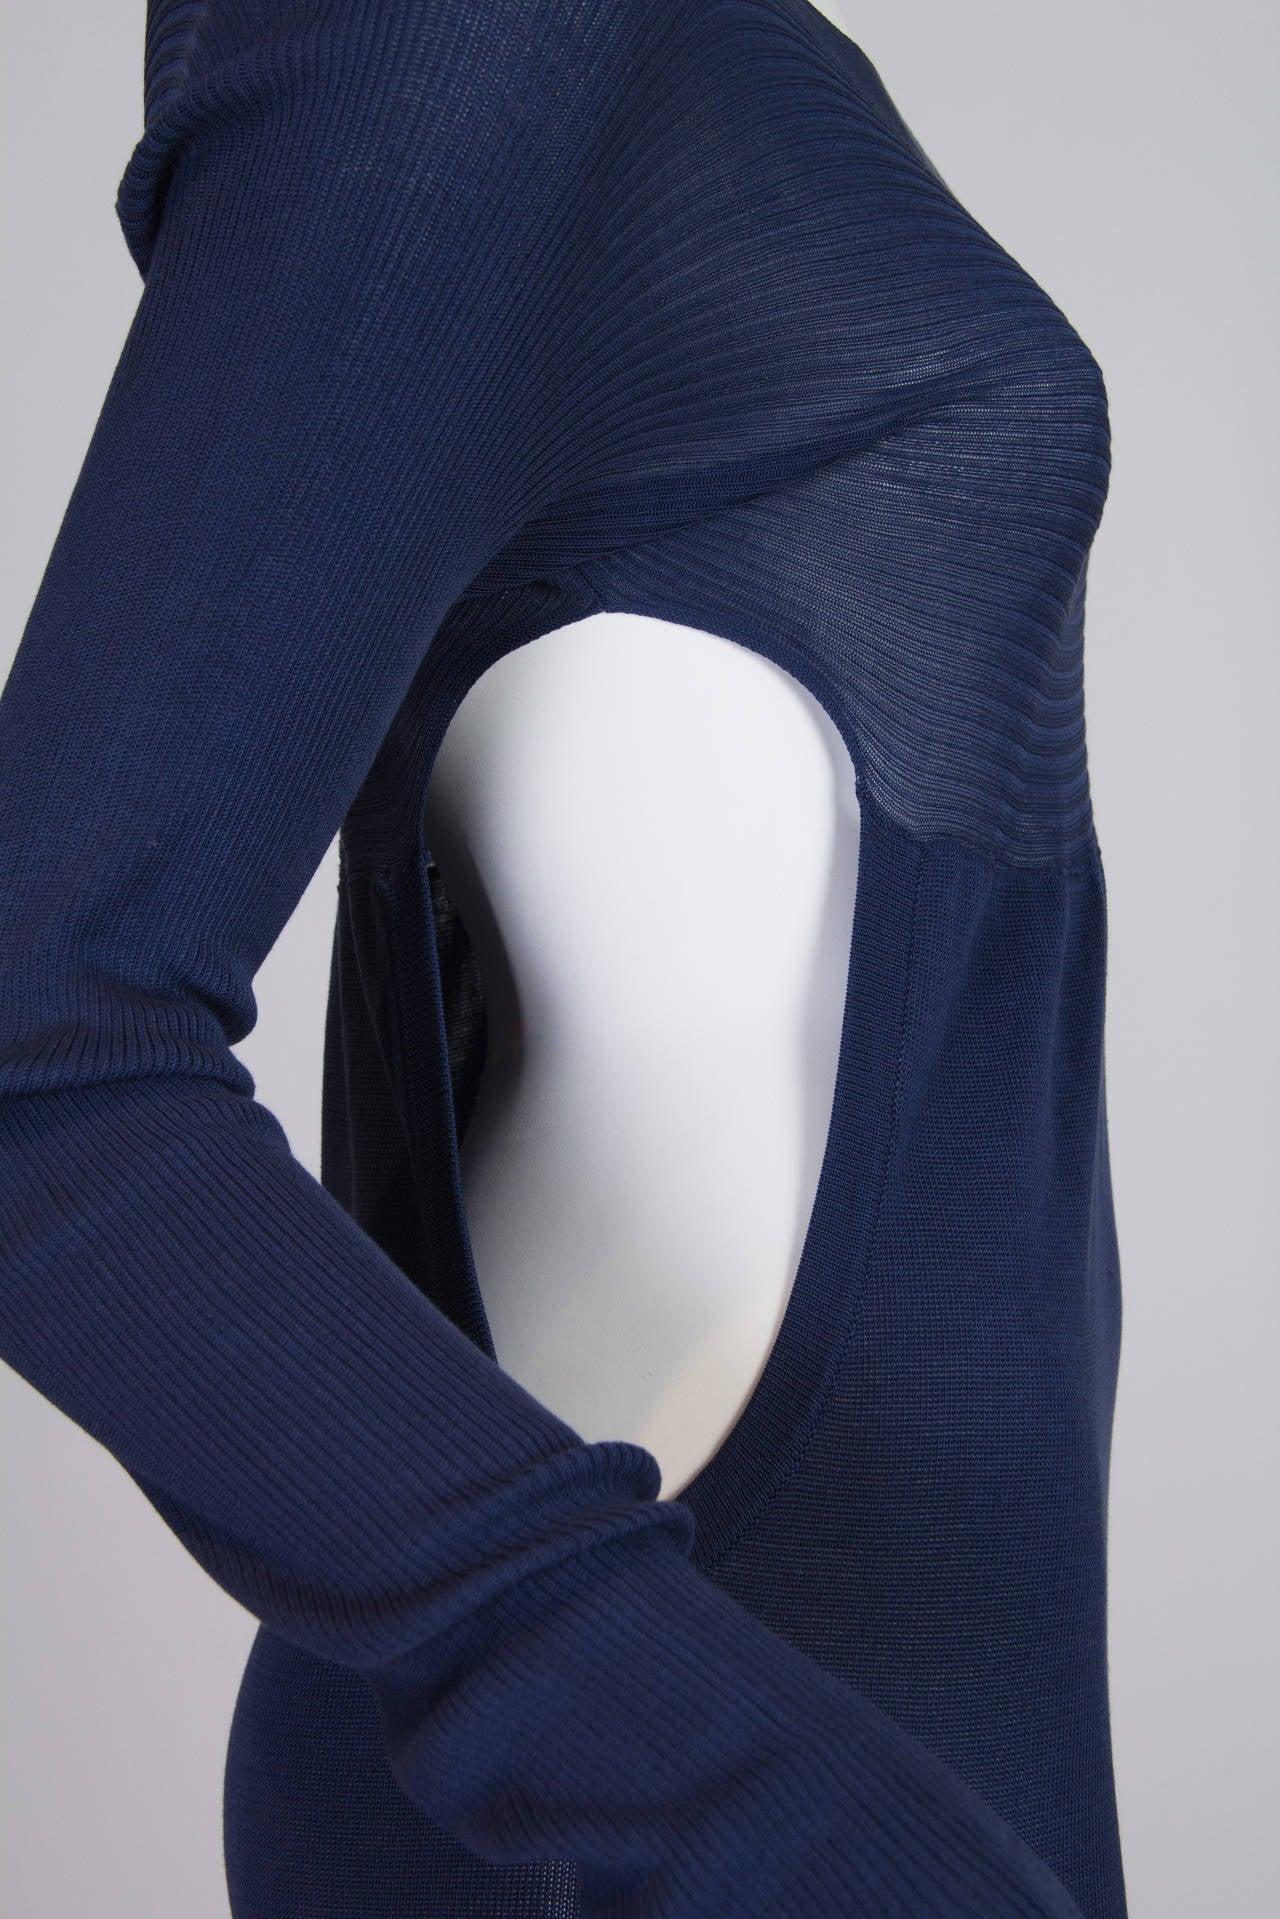 Yohji Yamamoto Side Cut-Out Dress 4